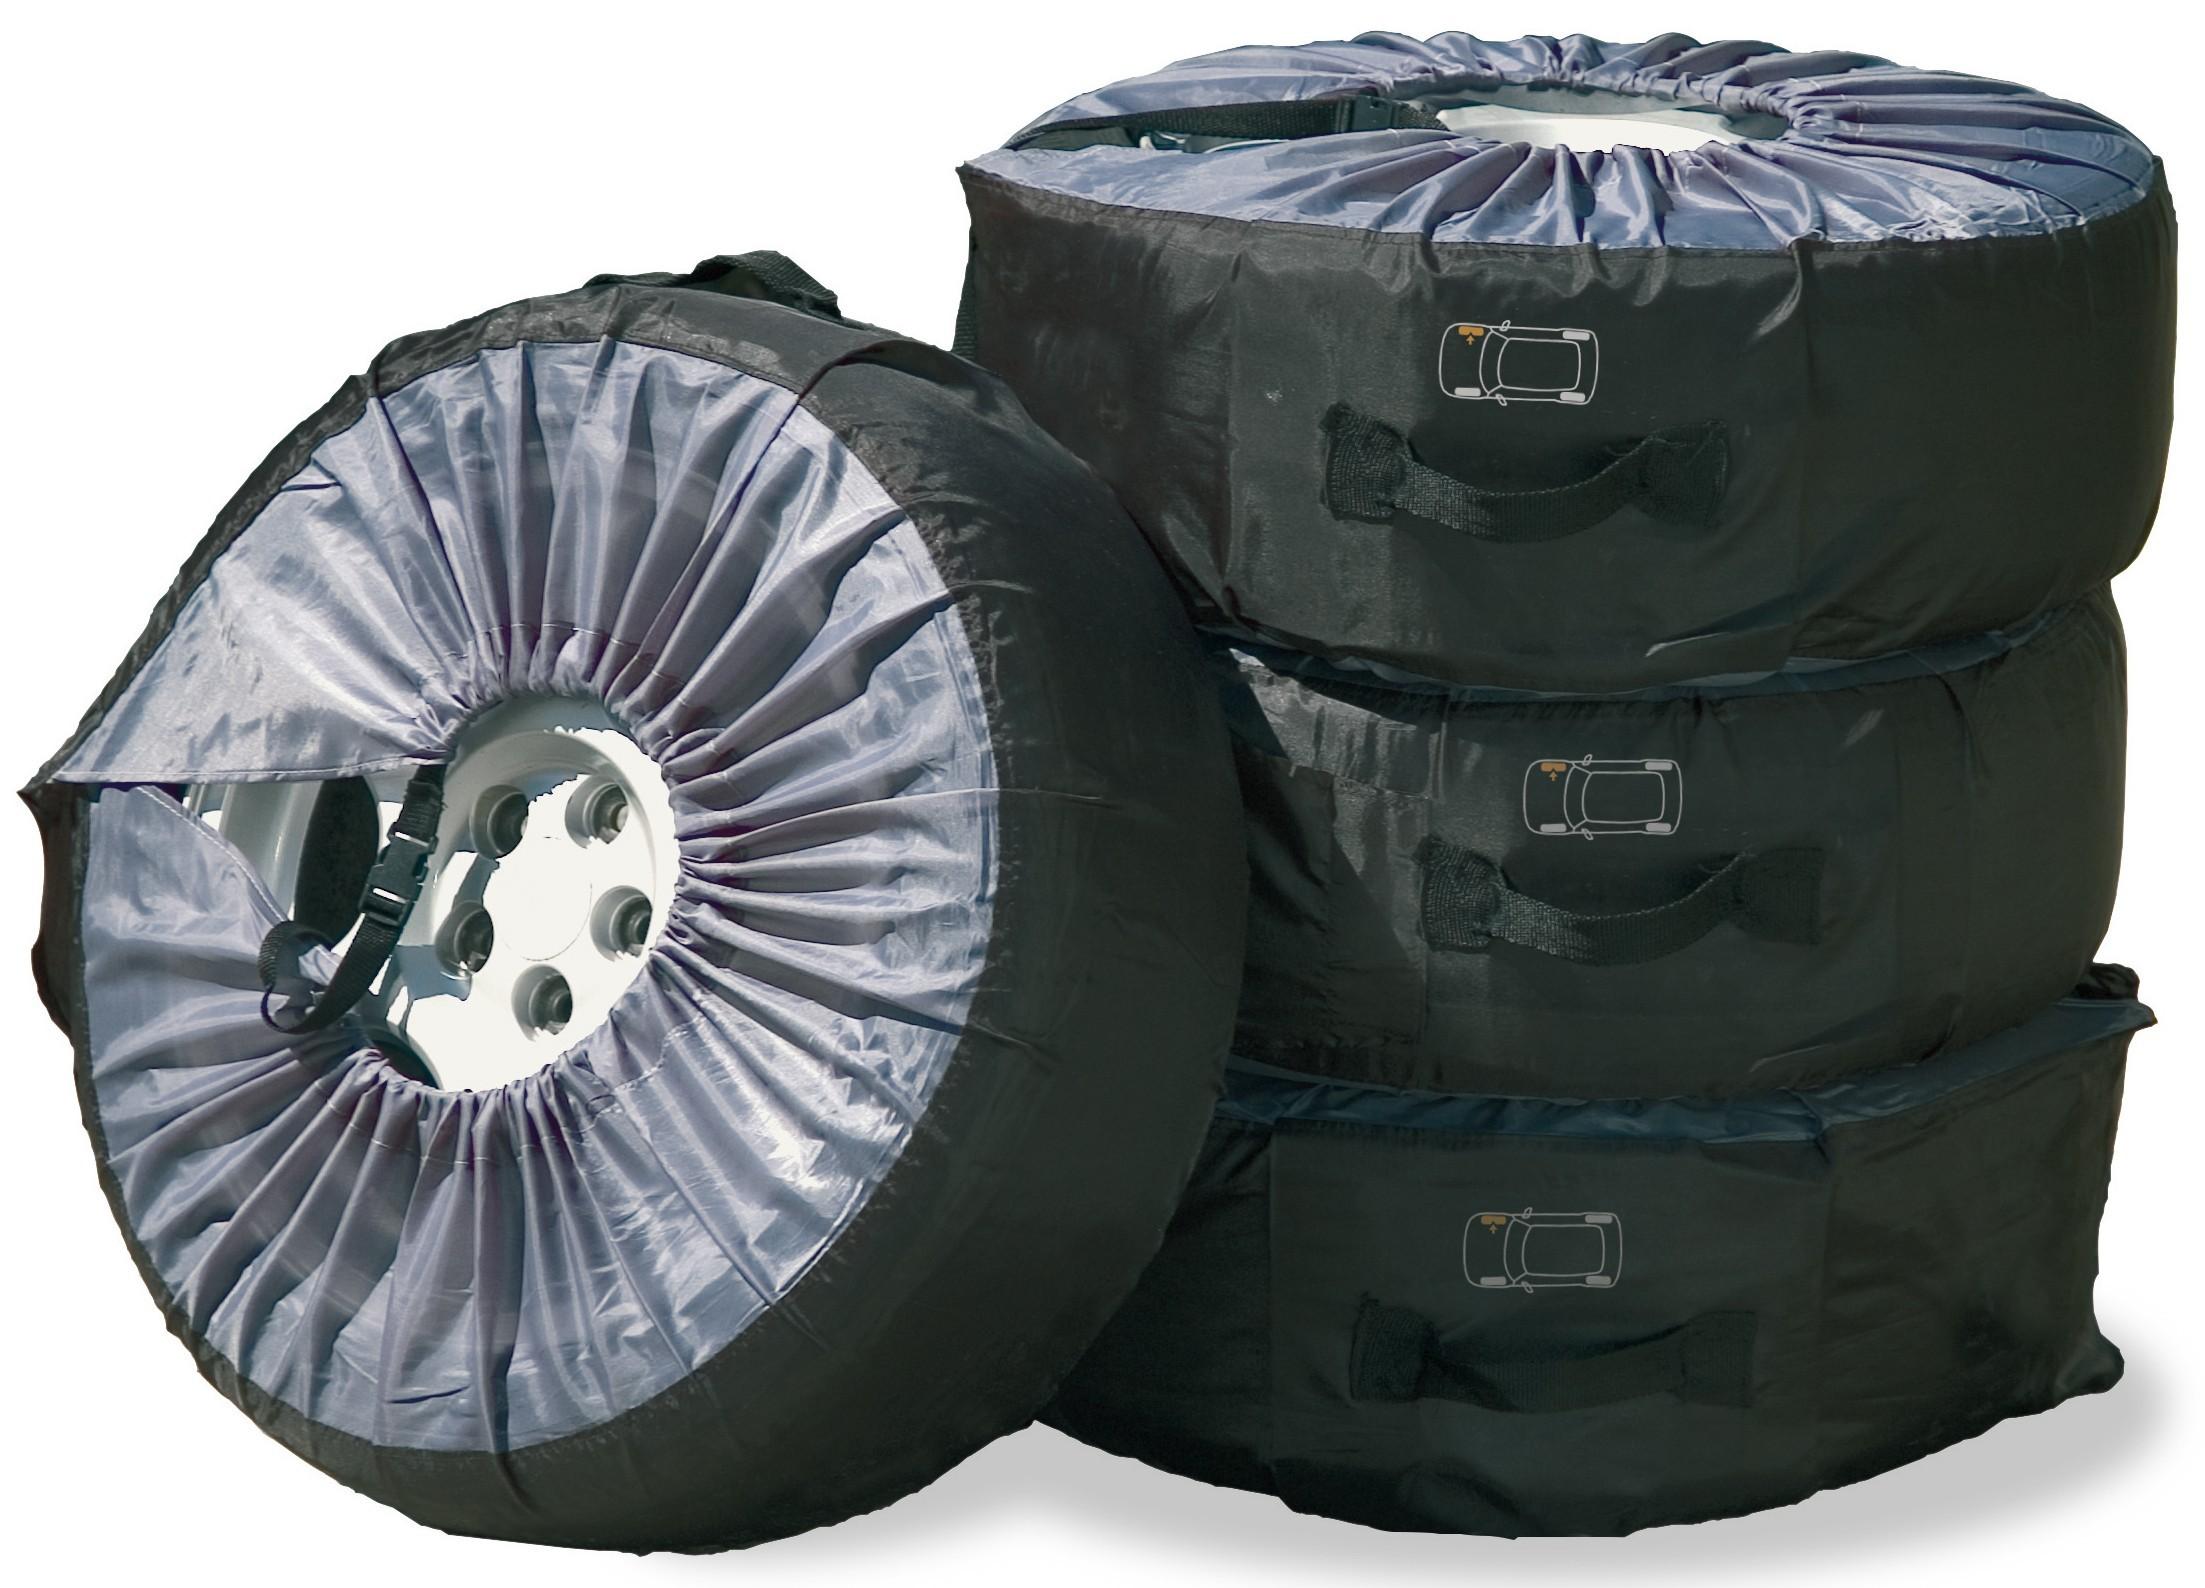 """Reifentasche Set für Reifen bis 17"""" (43,18cm) Bild 1"""